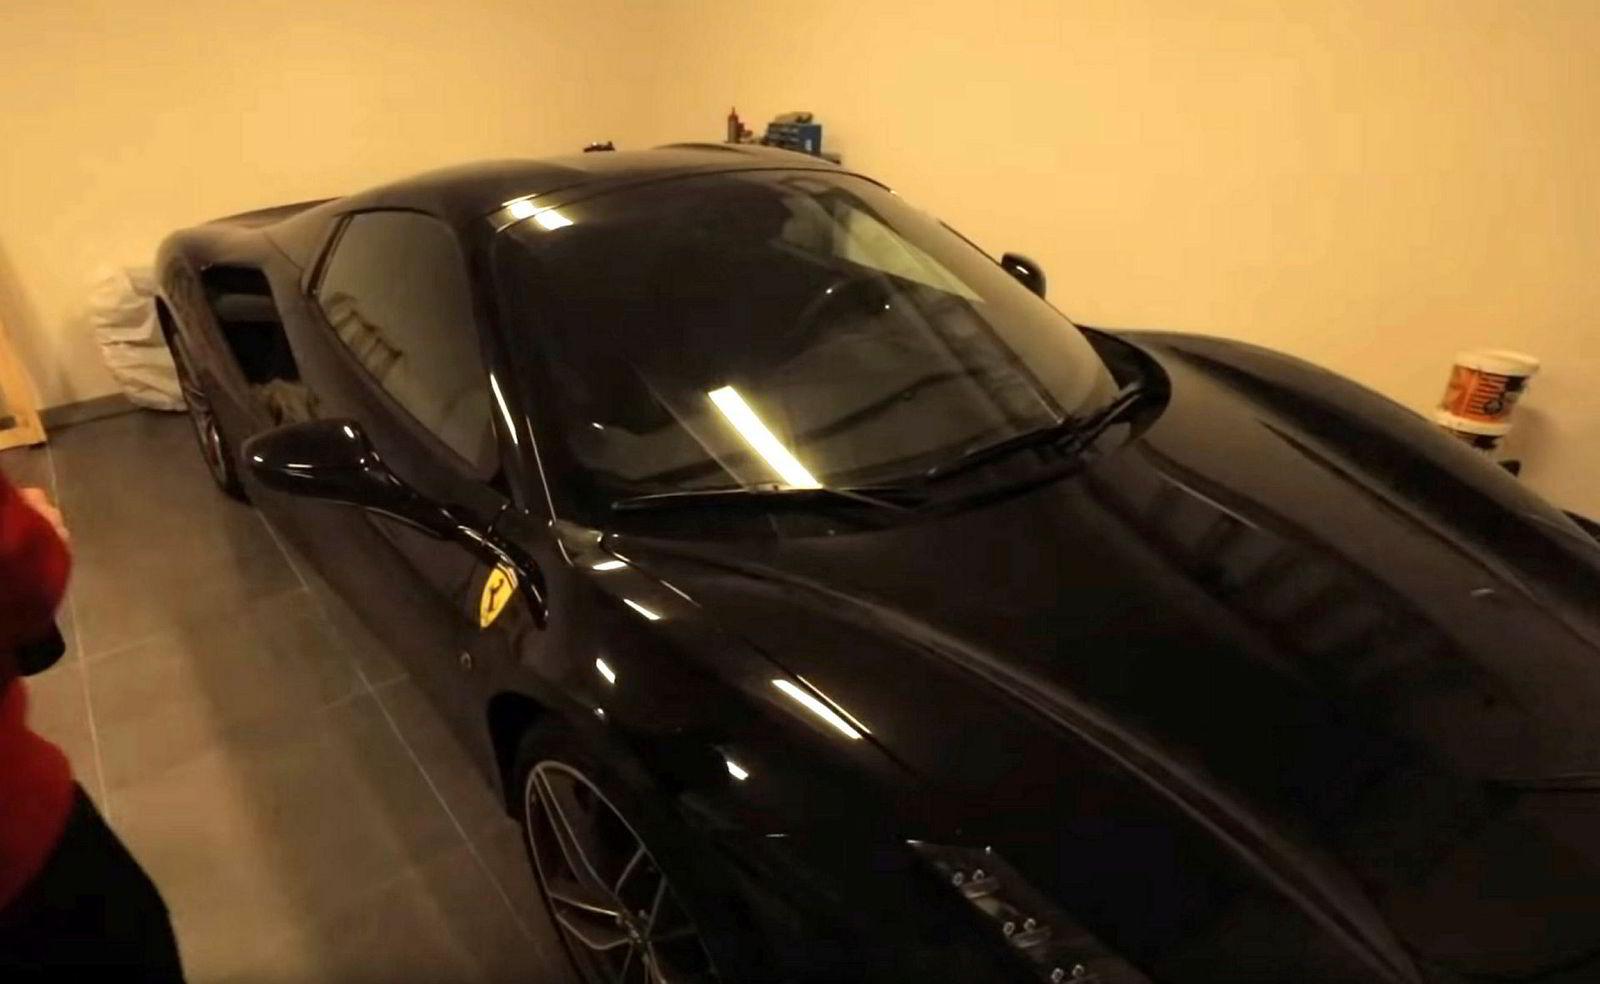 Walkers nye bil i garasjen.